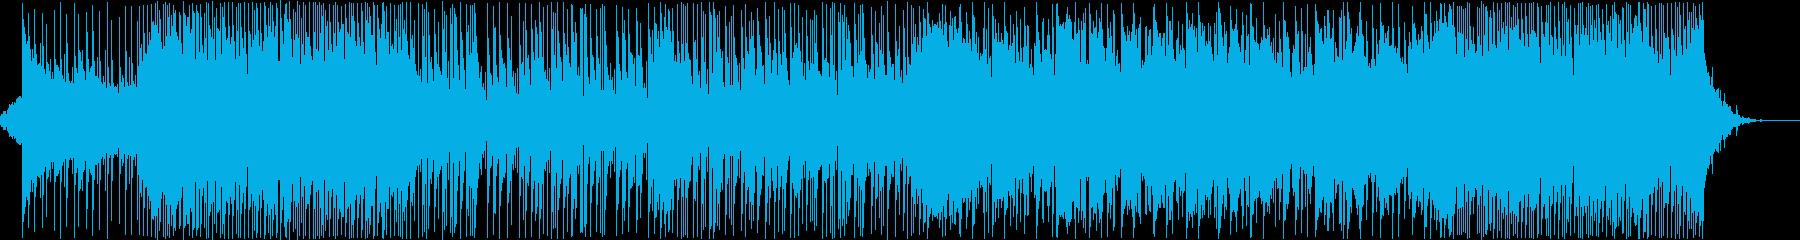 オシャレ・Kpop・ダンス・tiktokの再生済みの波形